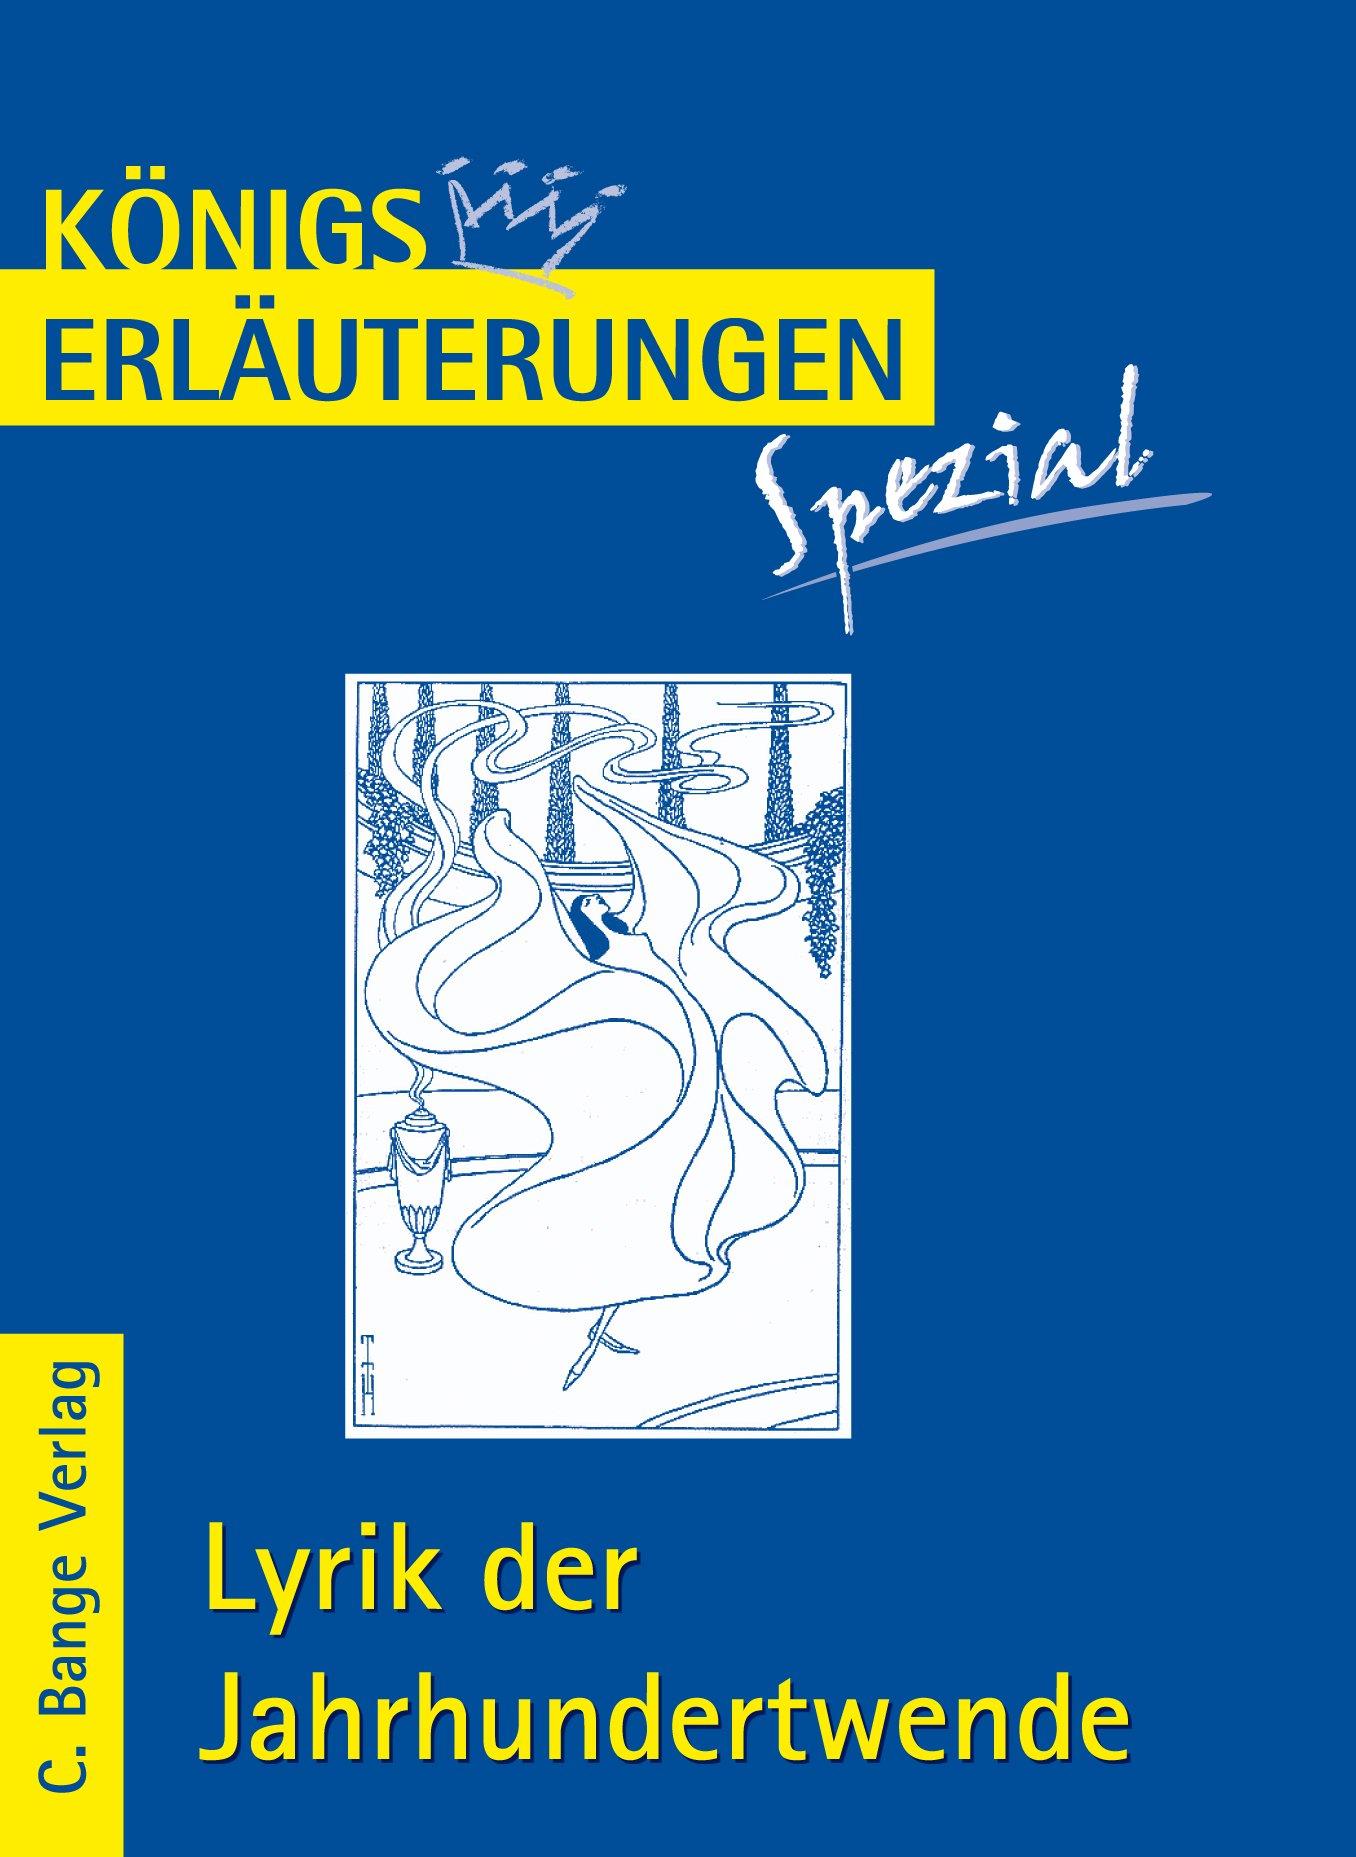 Königs Erläuterungen Spezial: Lyrik der Jahrhundertwende: Interpretationen zu wichtigen Werken der Epoche